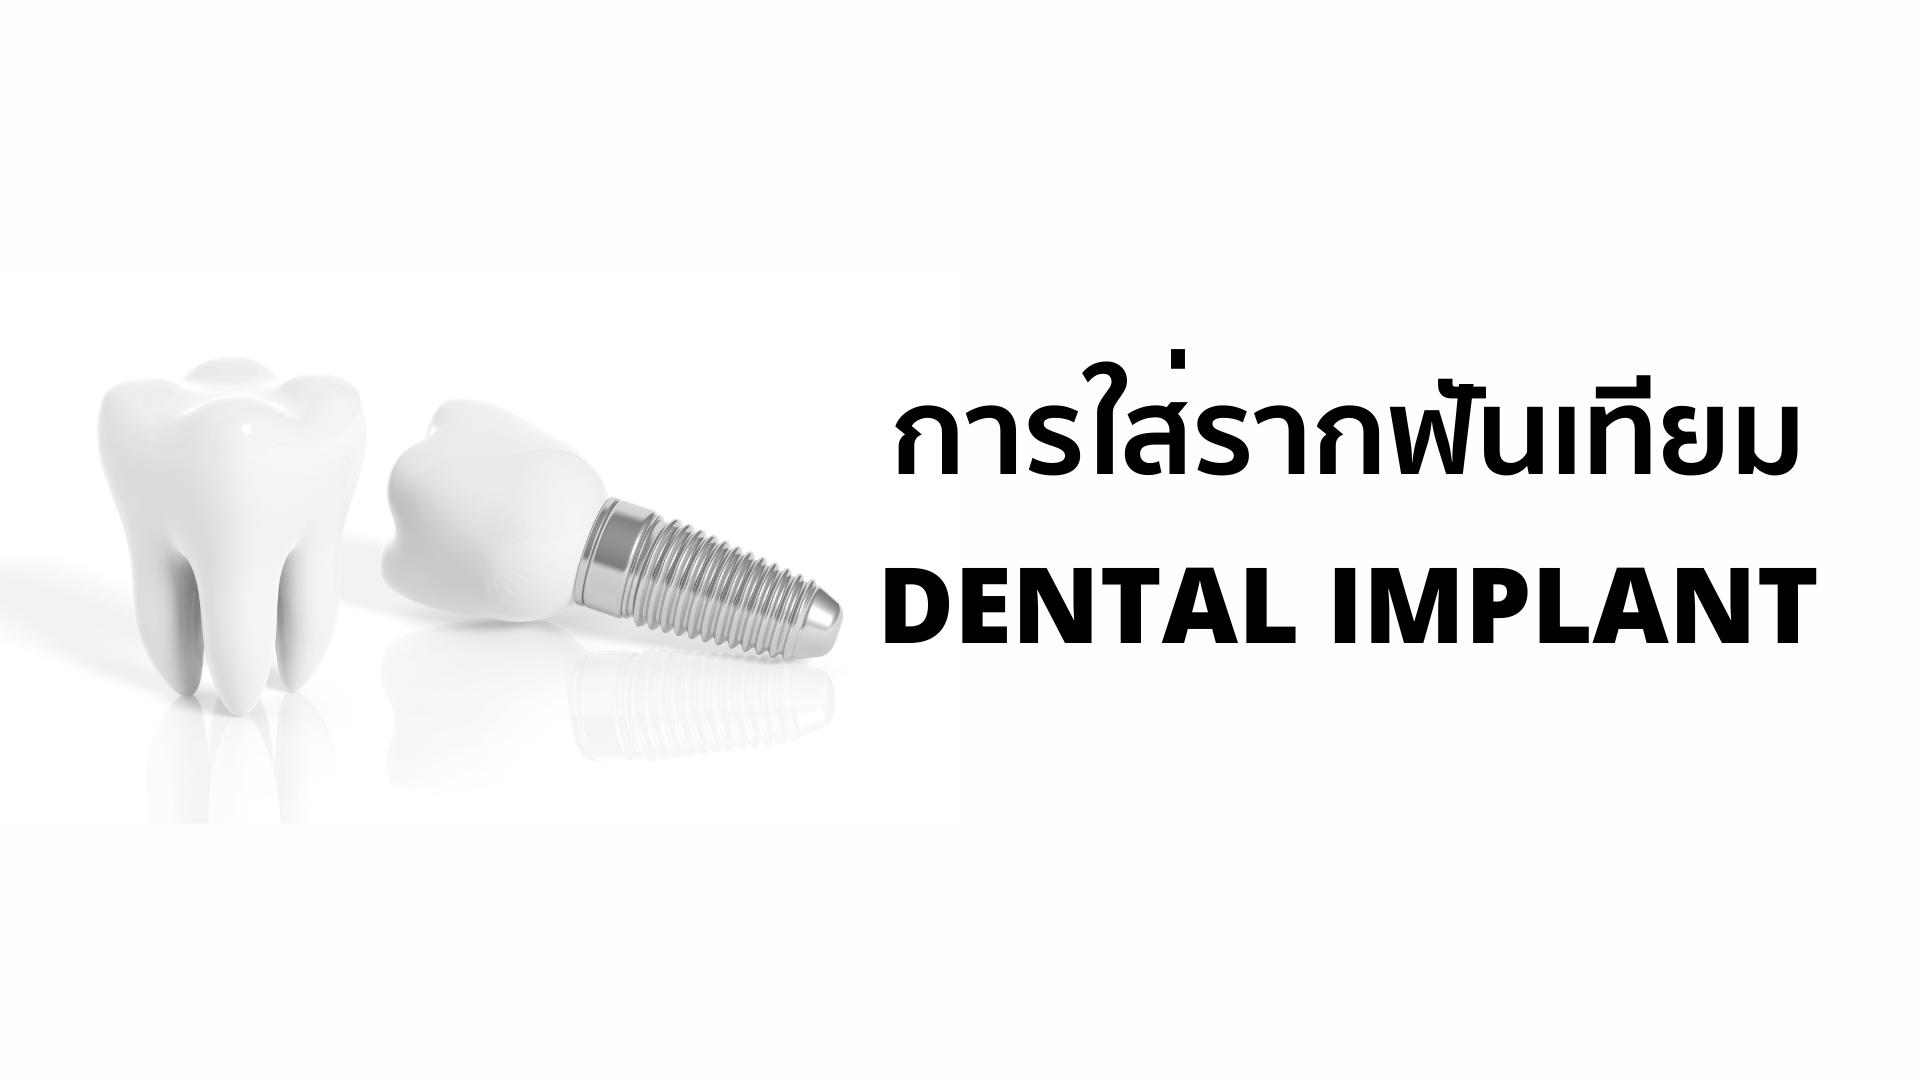 การใส่รากฟันเทียม